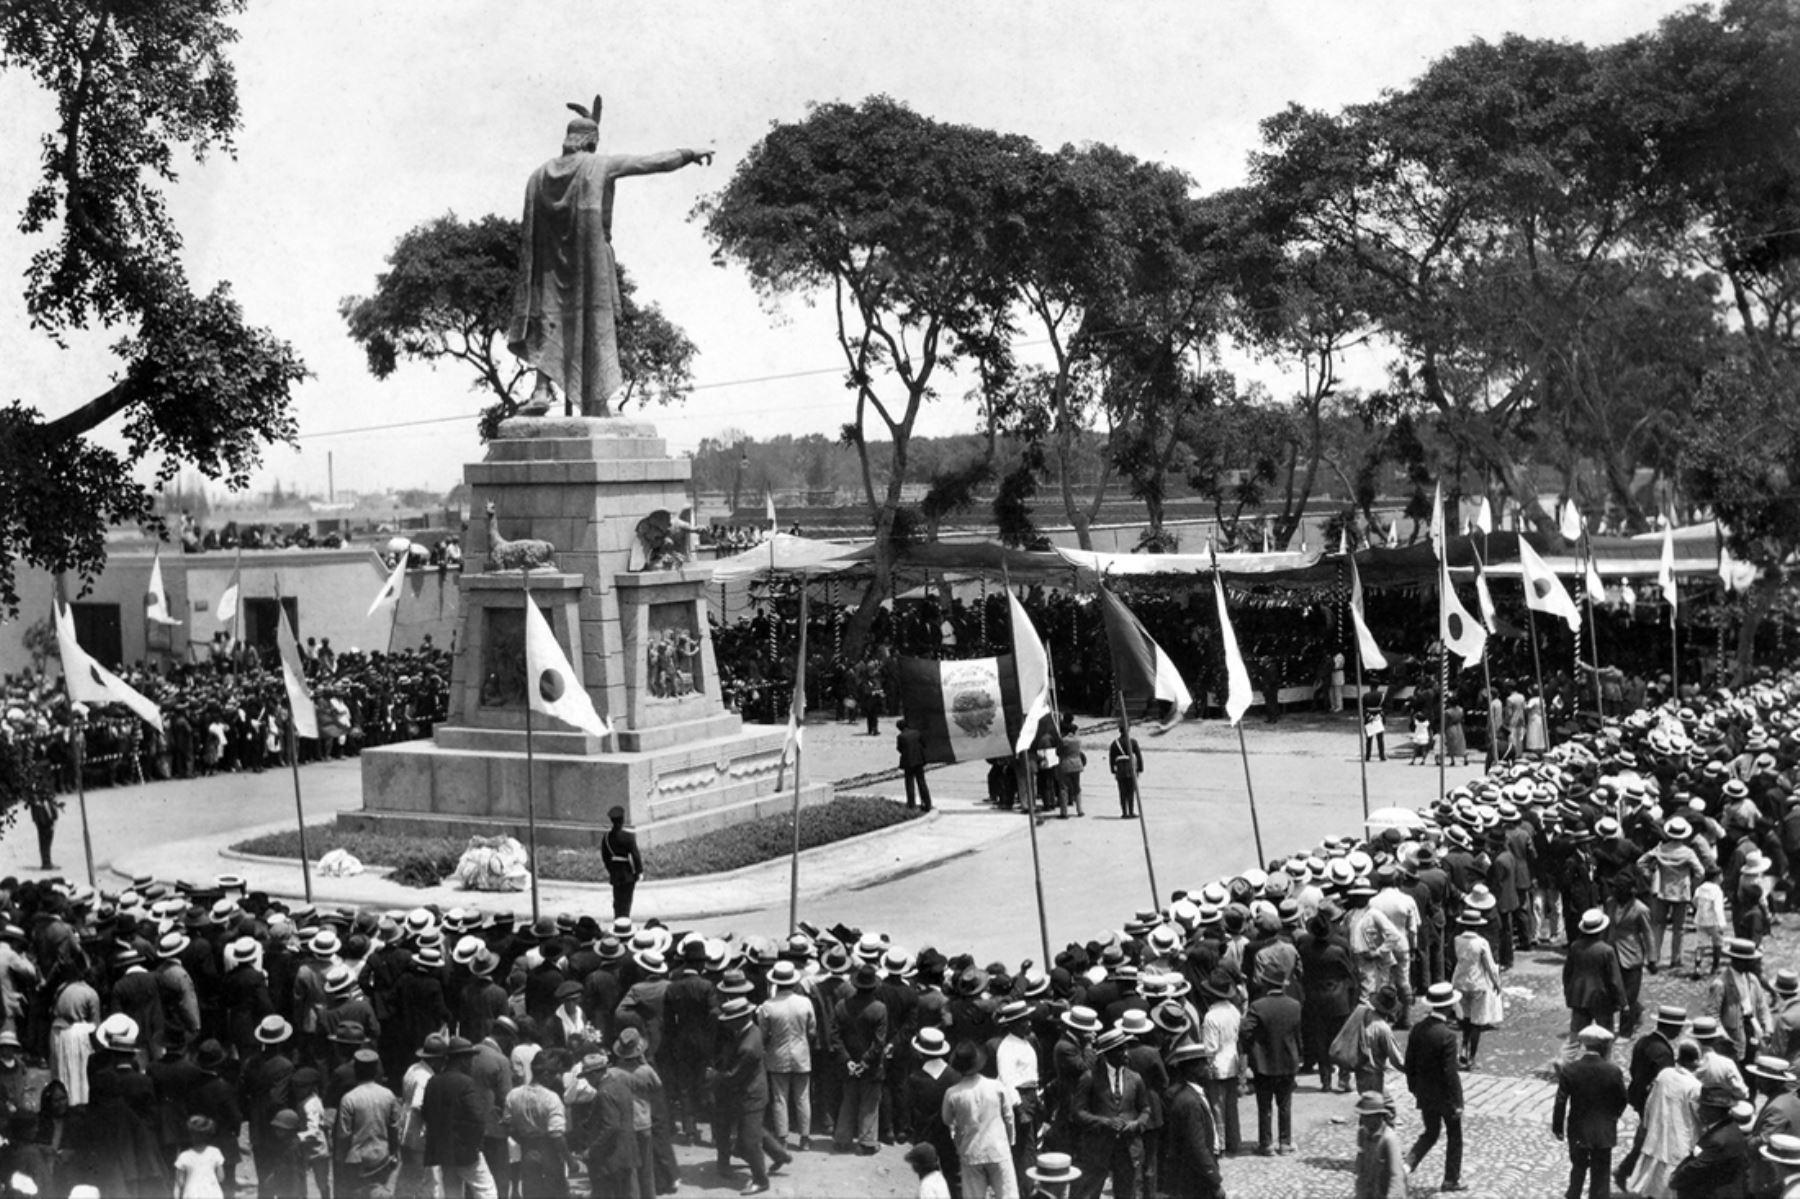 Lima - abril 1926 / Inauguración de la Plaza Manco Cápac en La Victoria. La colonia japonesa donó a la ciudad de Lima el monumento en homenaje al primer inca con ocasión del centenario de la independencia del Perú.